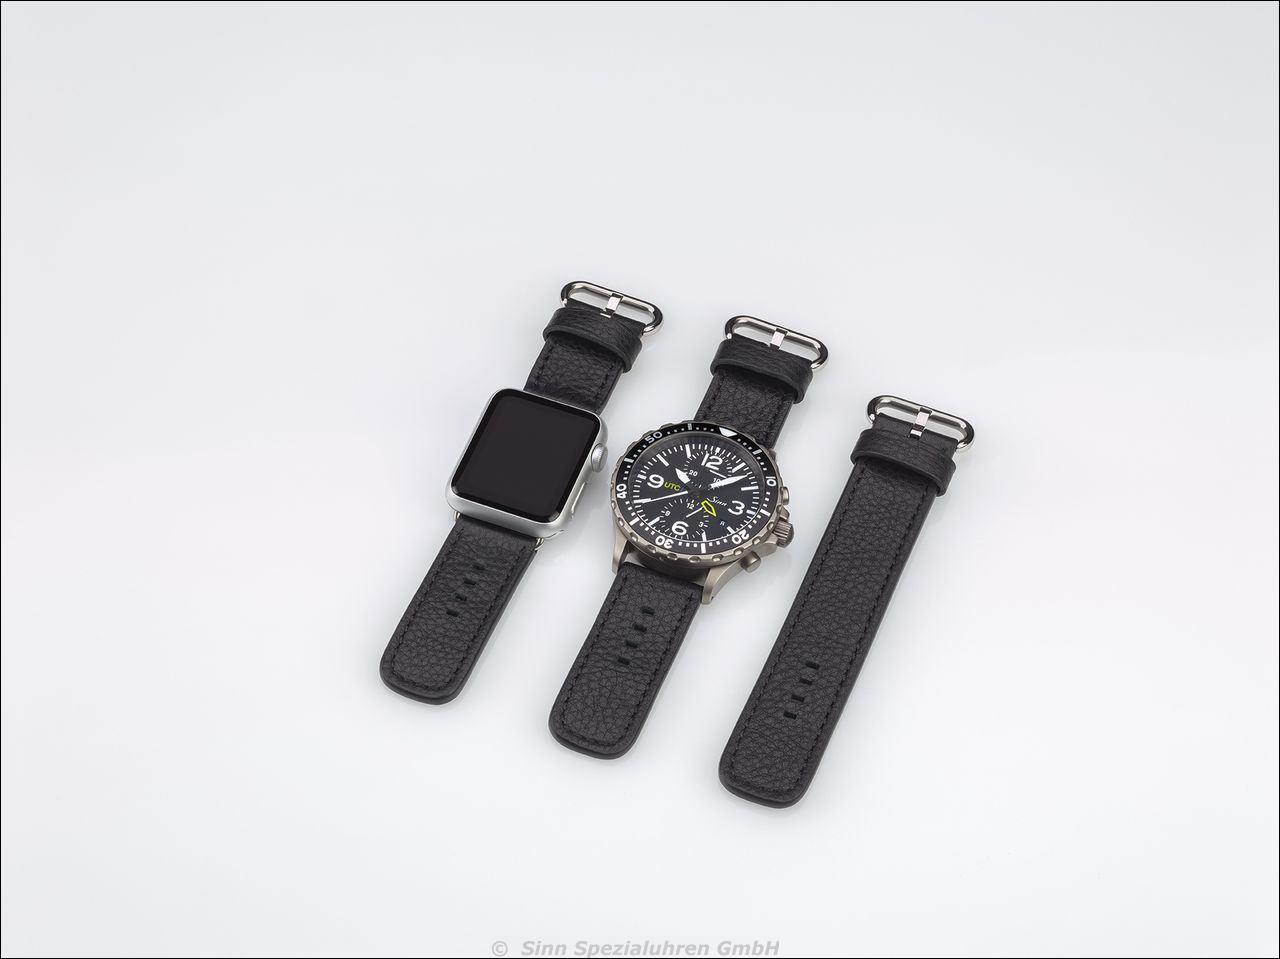 Im Bilddas komplette Set aus SINN Chronograph, Apple-Watch, sowie das Überbrückungsband